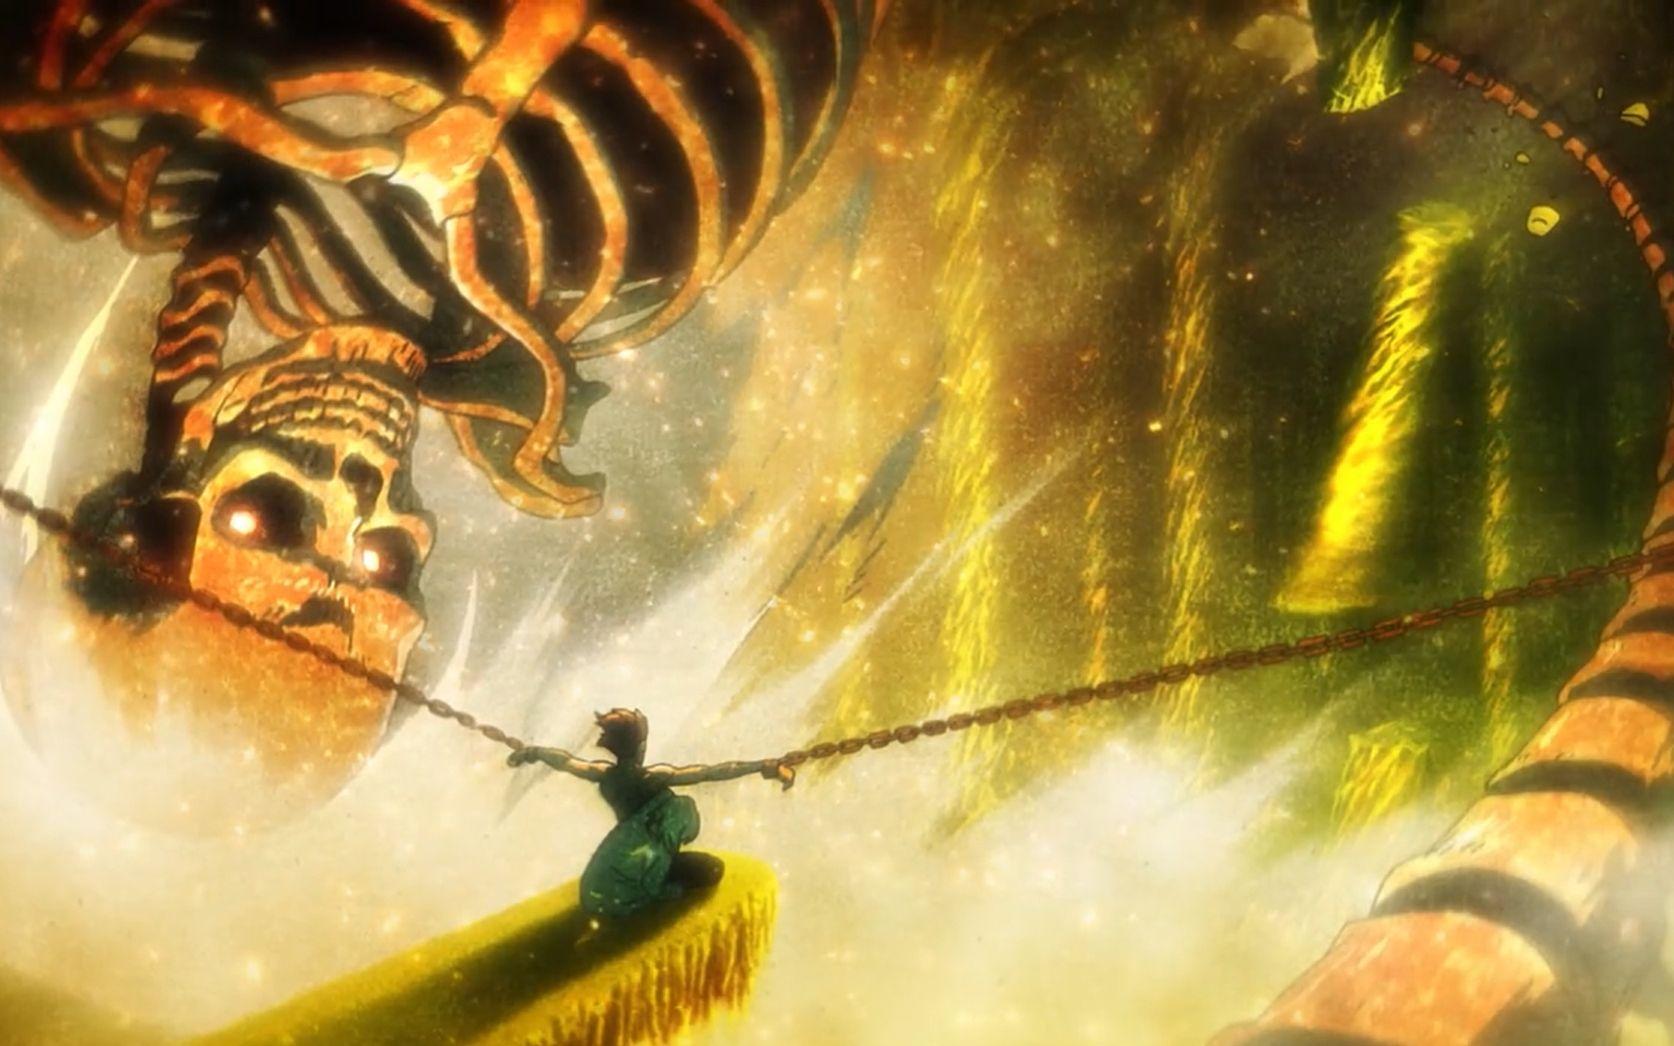 进击的巨人第三季,泽野摔针神曲和120米级巨人!艾伦被喰,女王降临,高虐片段 1:24, 高燃片段 4:38